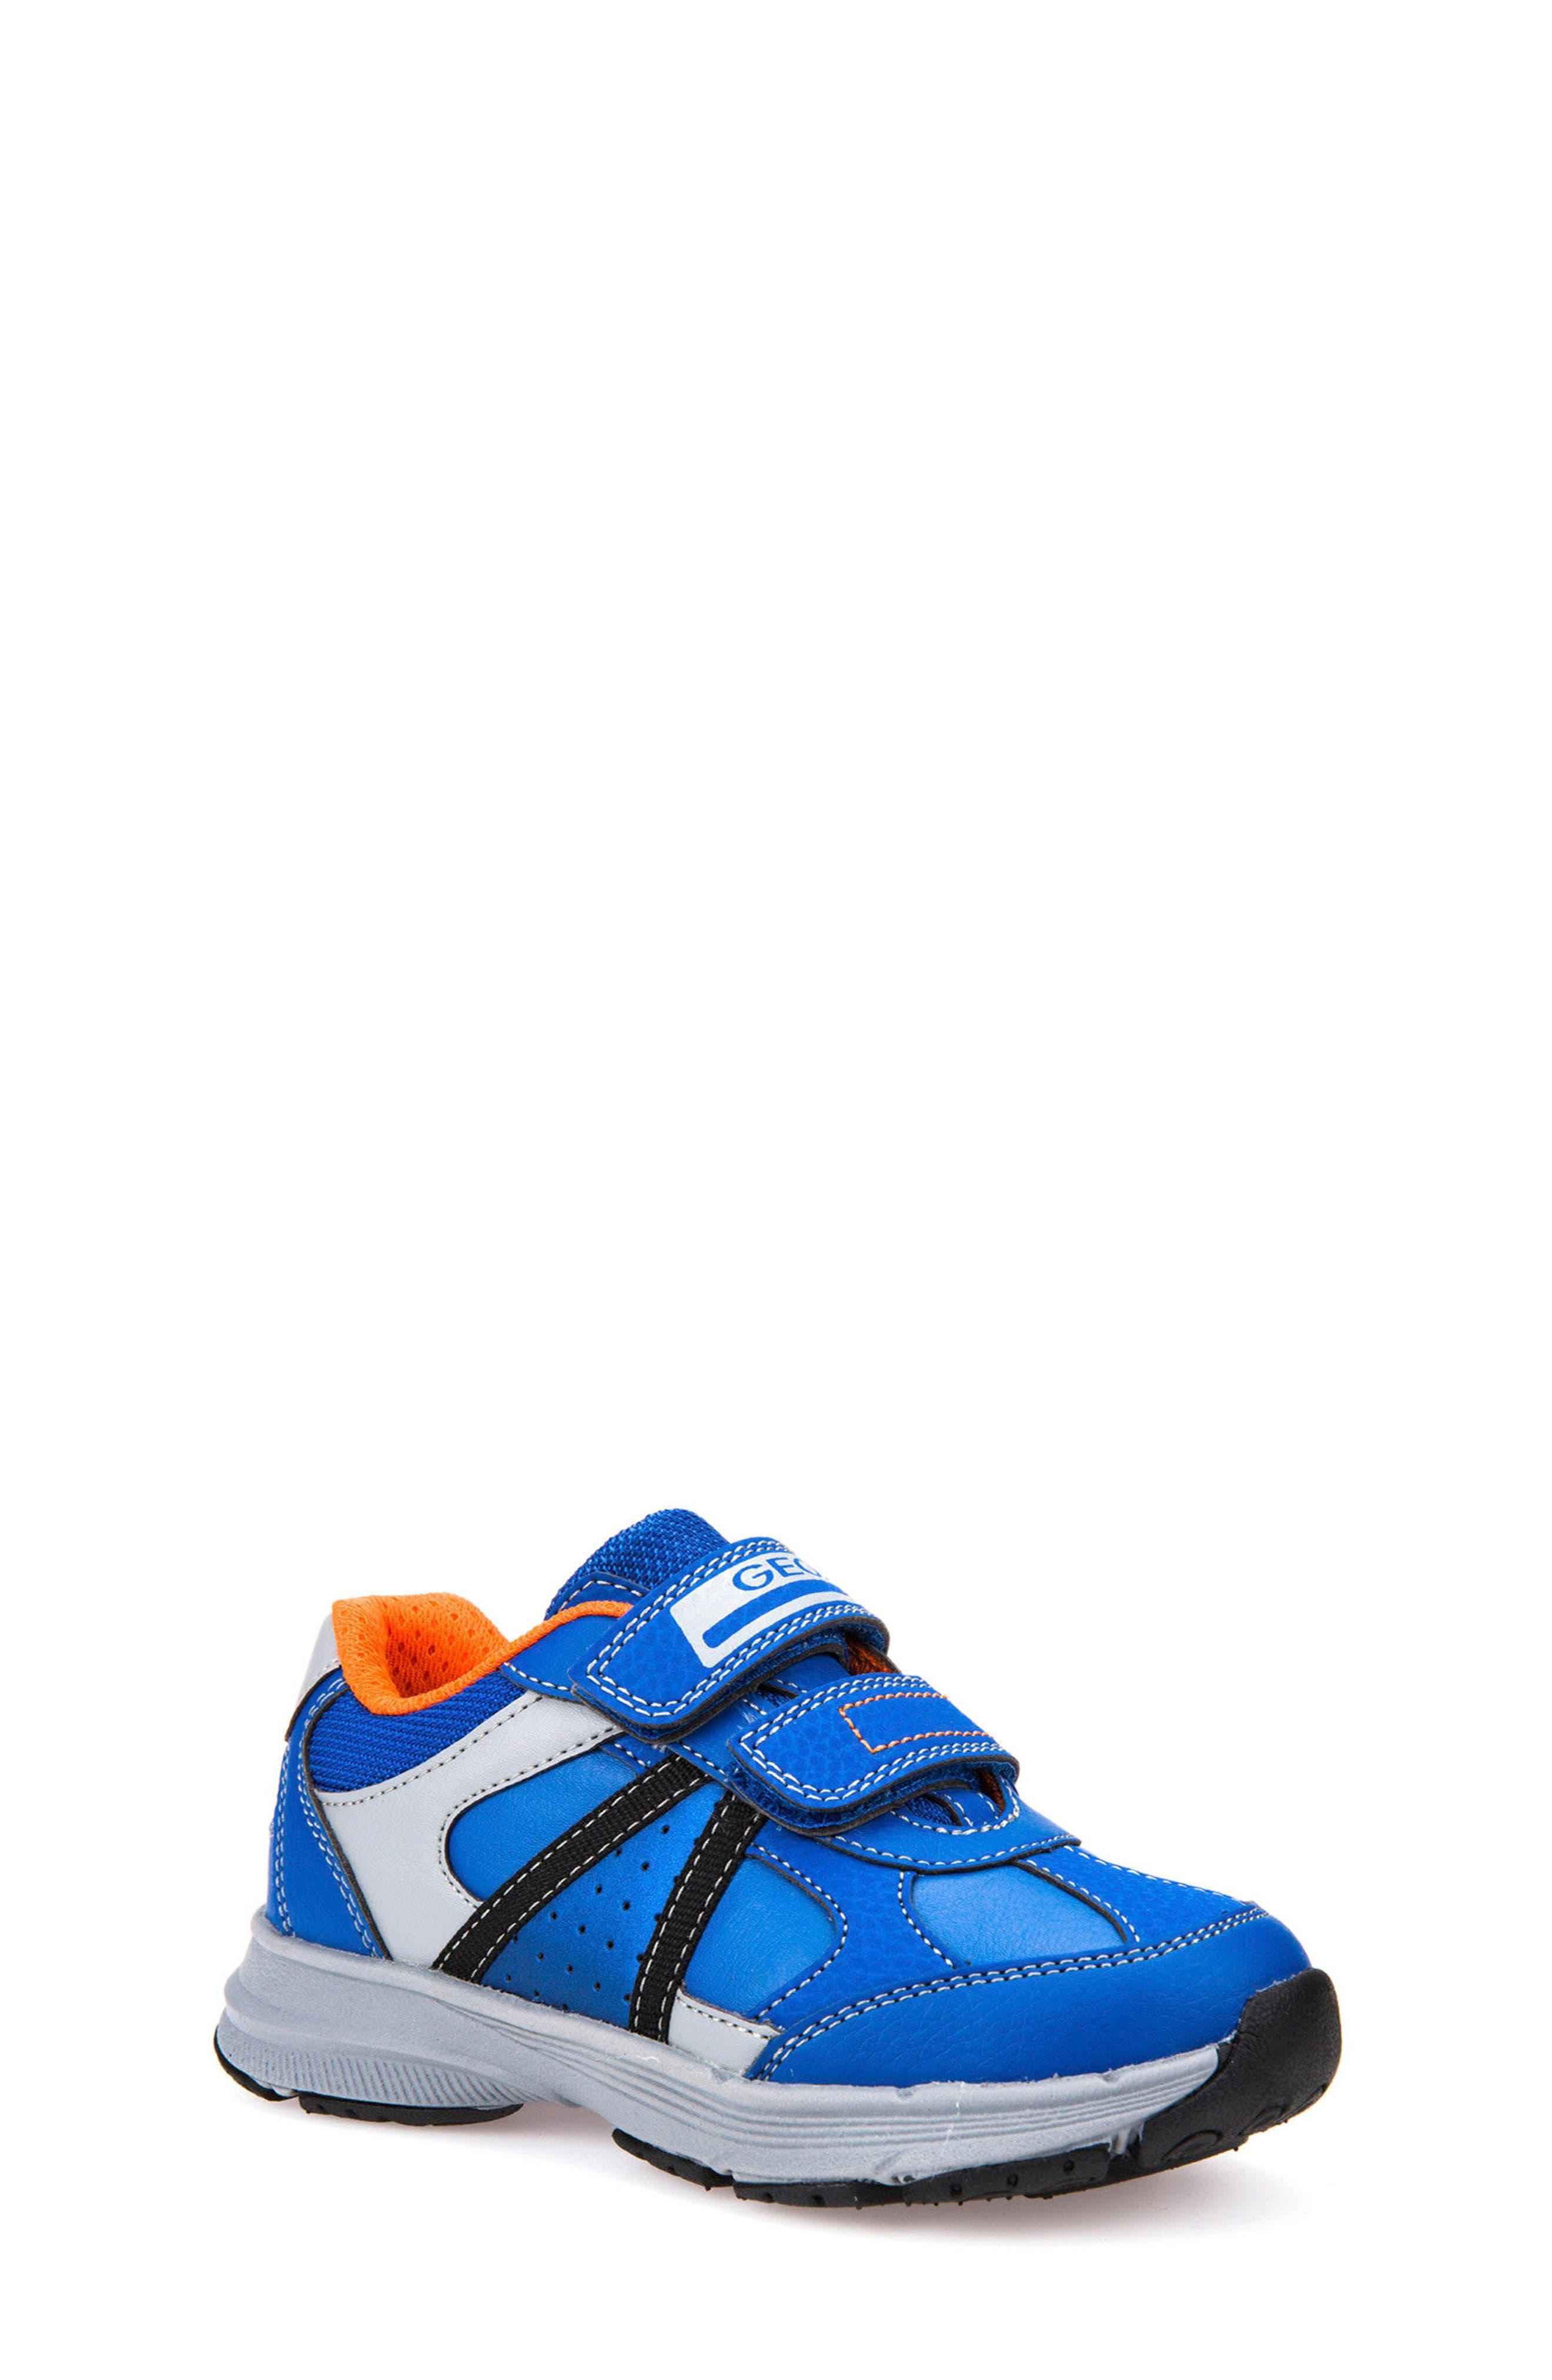 Geox Top Fly Sneaker (Todder, Little Kid & Big Kid)